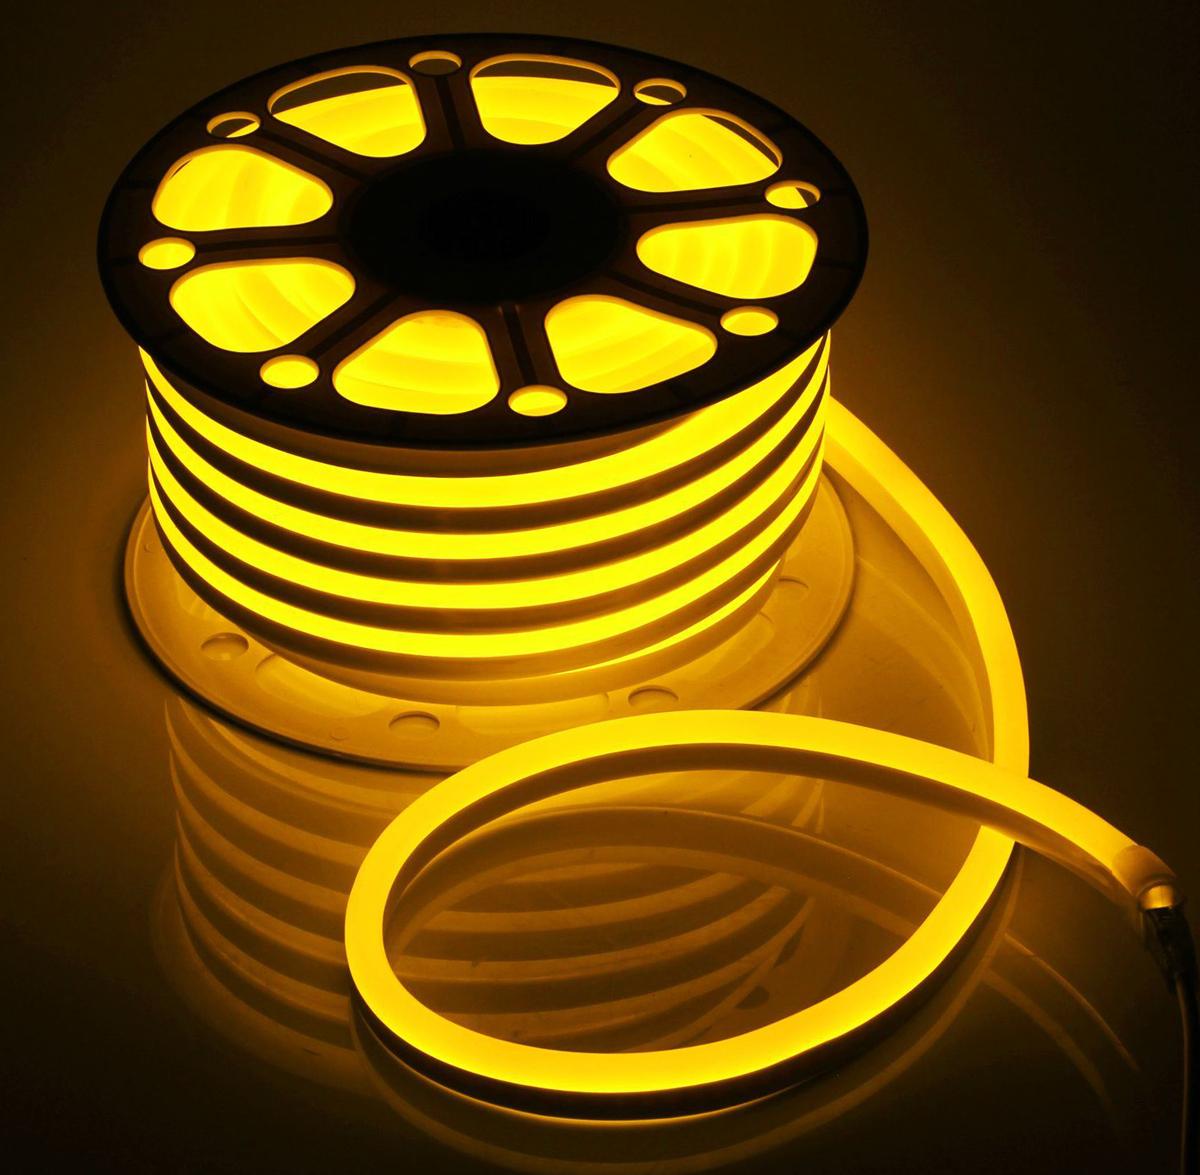 Гирлянда светодиодная  Luazon , 120 ламп, 220 V, цвет: желтый, 1,5 см х 2,5 см х 25 м. 1431315 -  Гирлянды и светильники